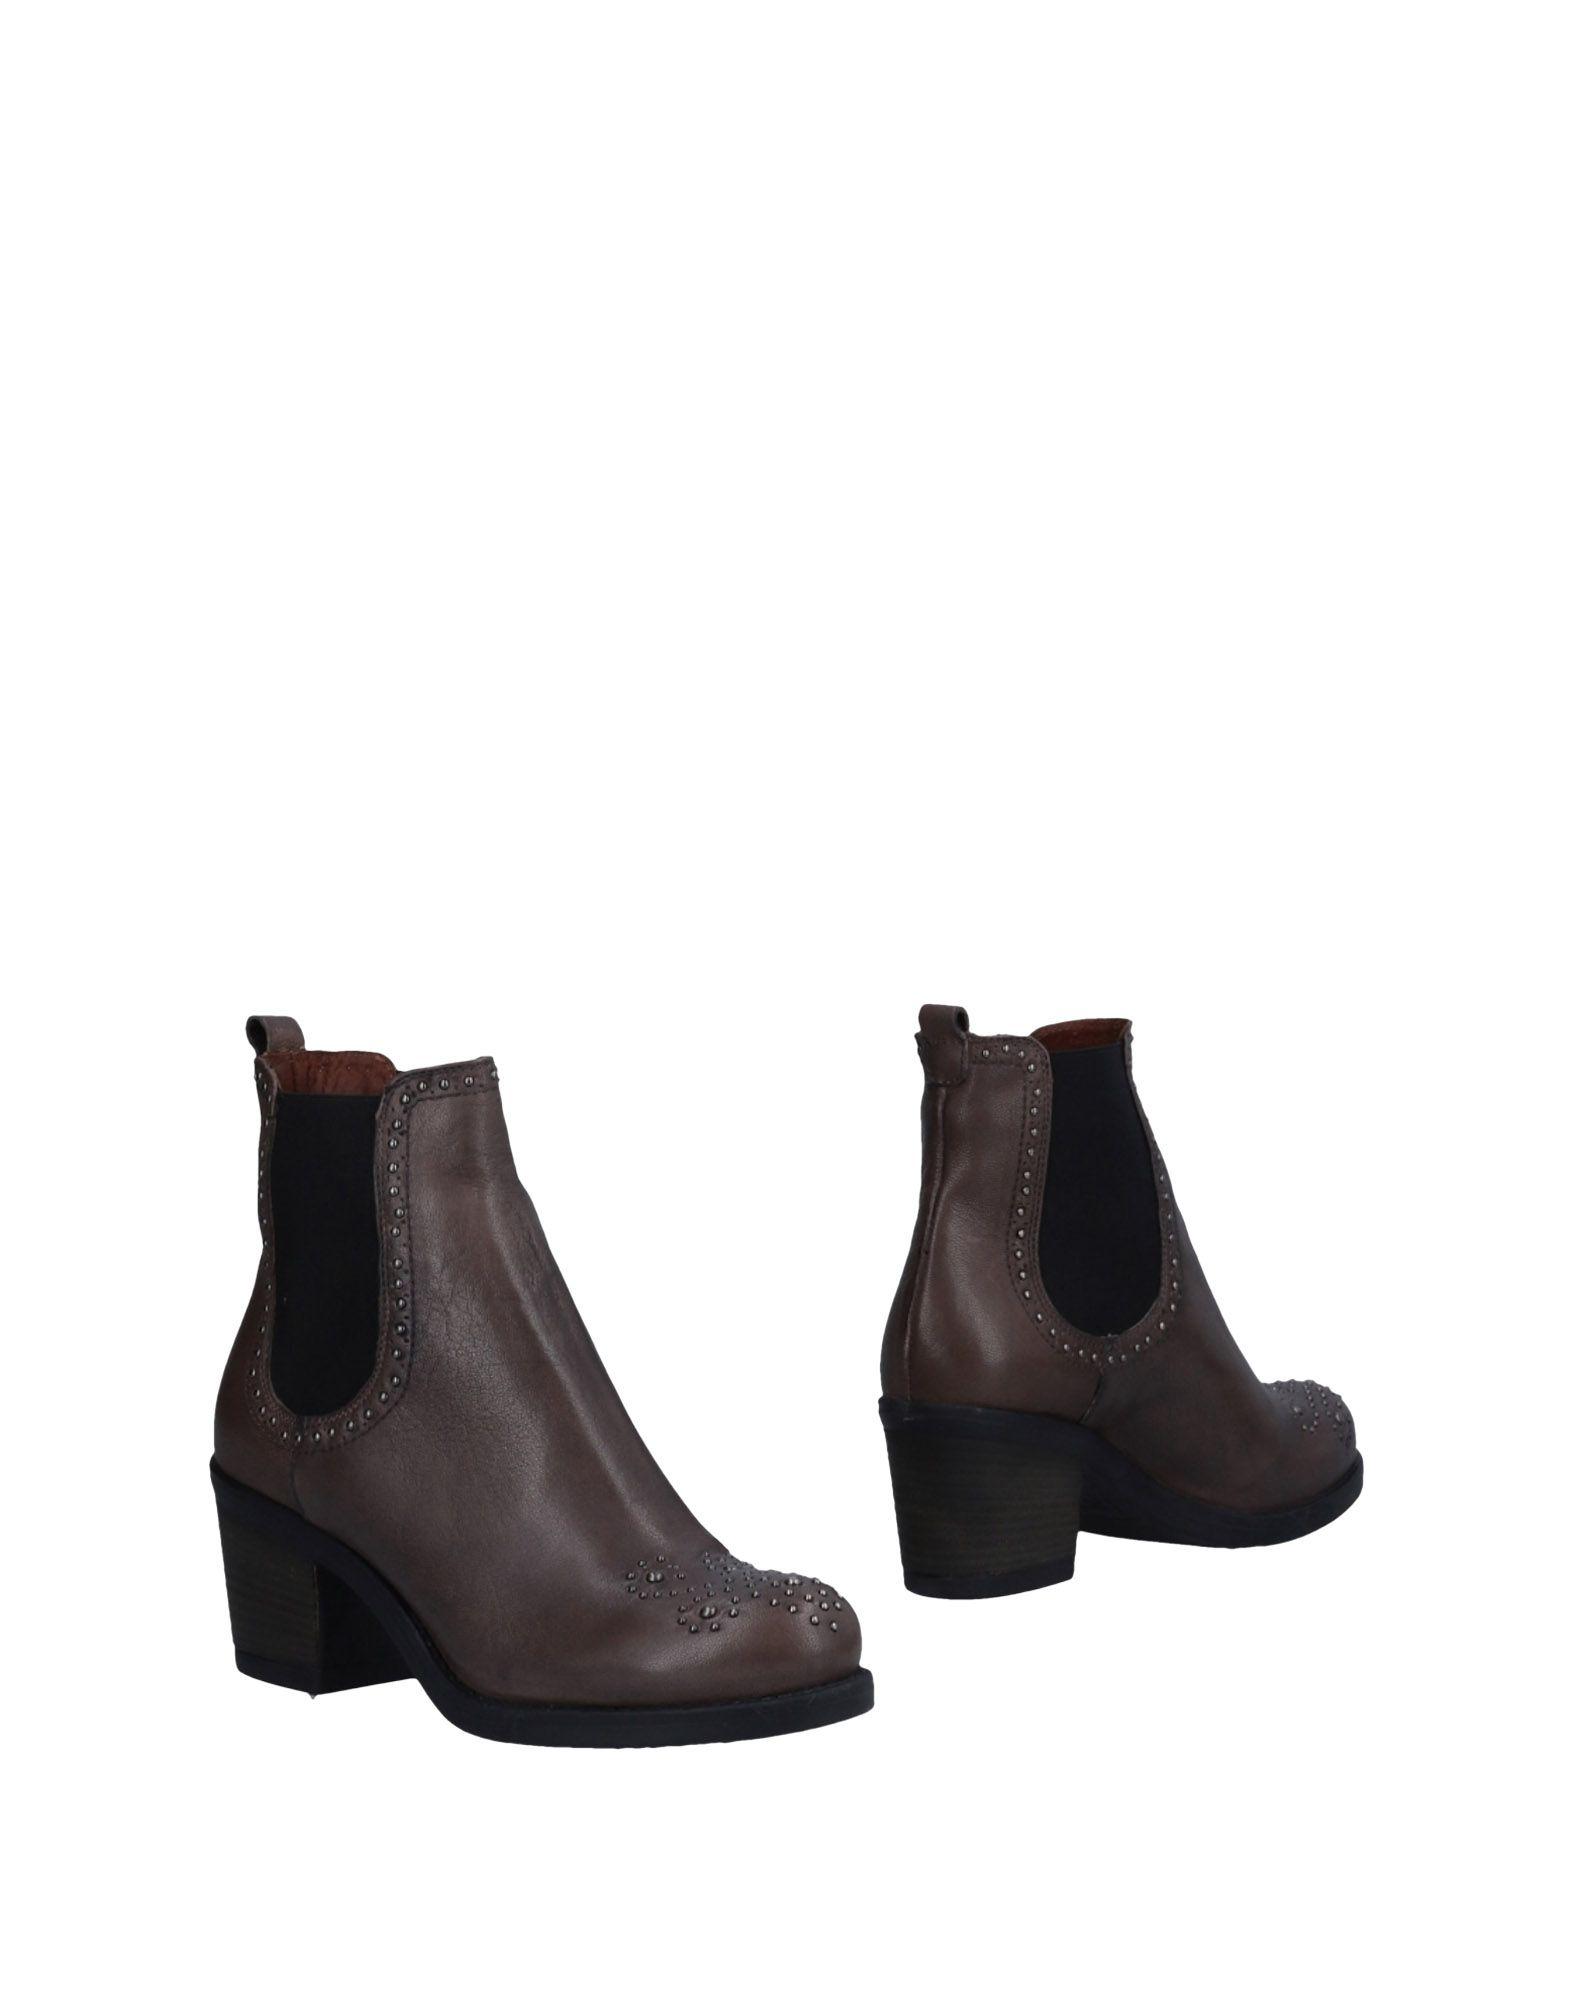 Chelsea Boots Manufacture D'essai Donna - 11491592PC